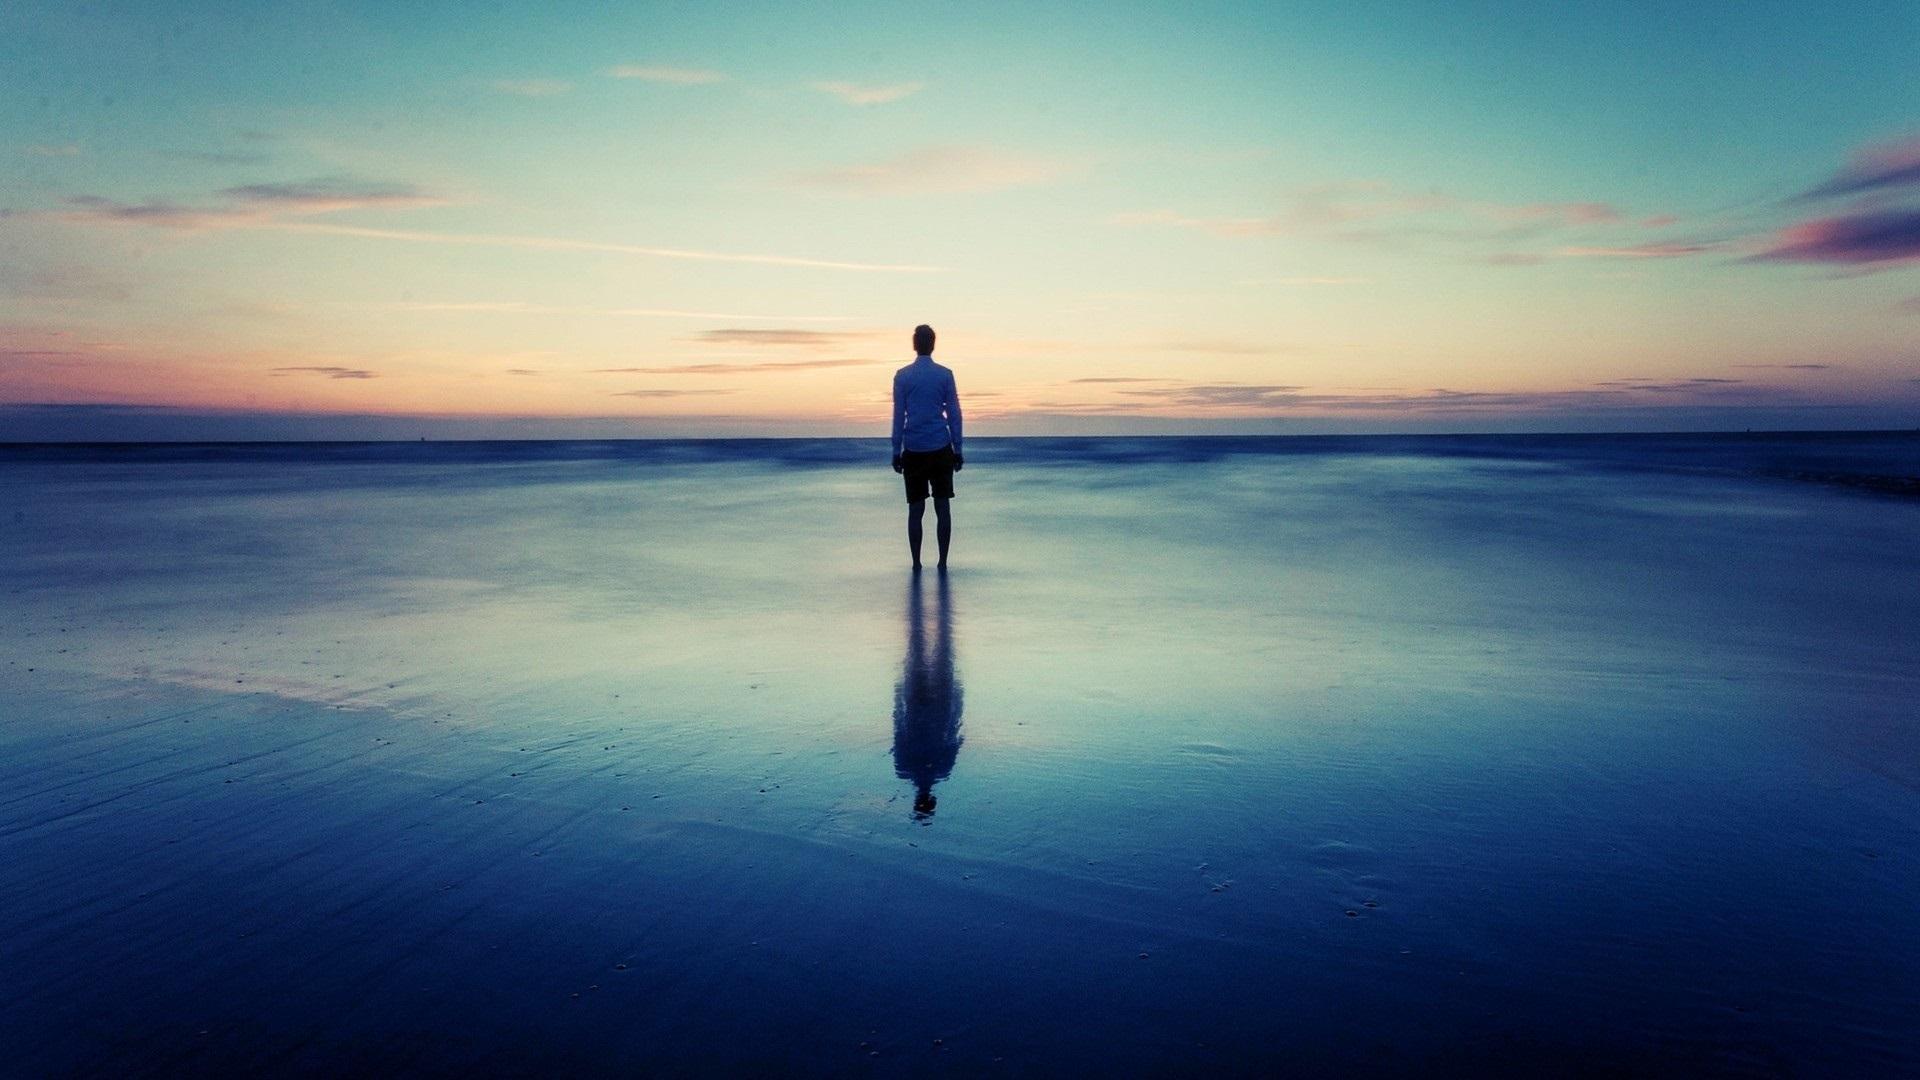 Fotos En La Playa Hombre: Fondos De Pantalla Costa, Playa, Mar, Atardecer, El Hombre